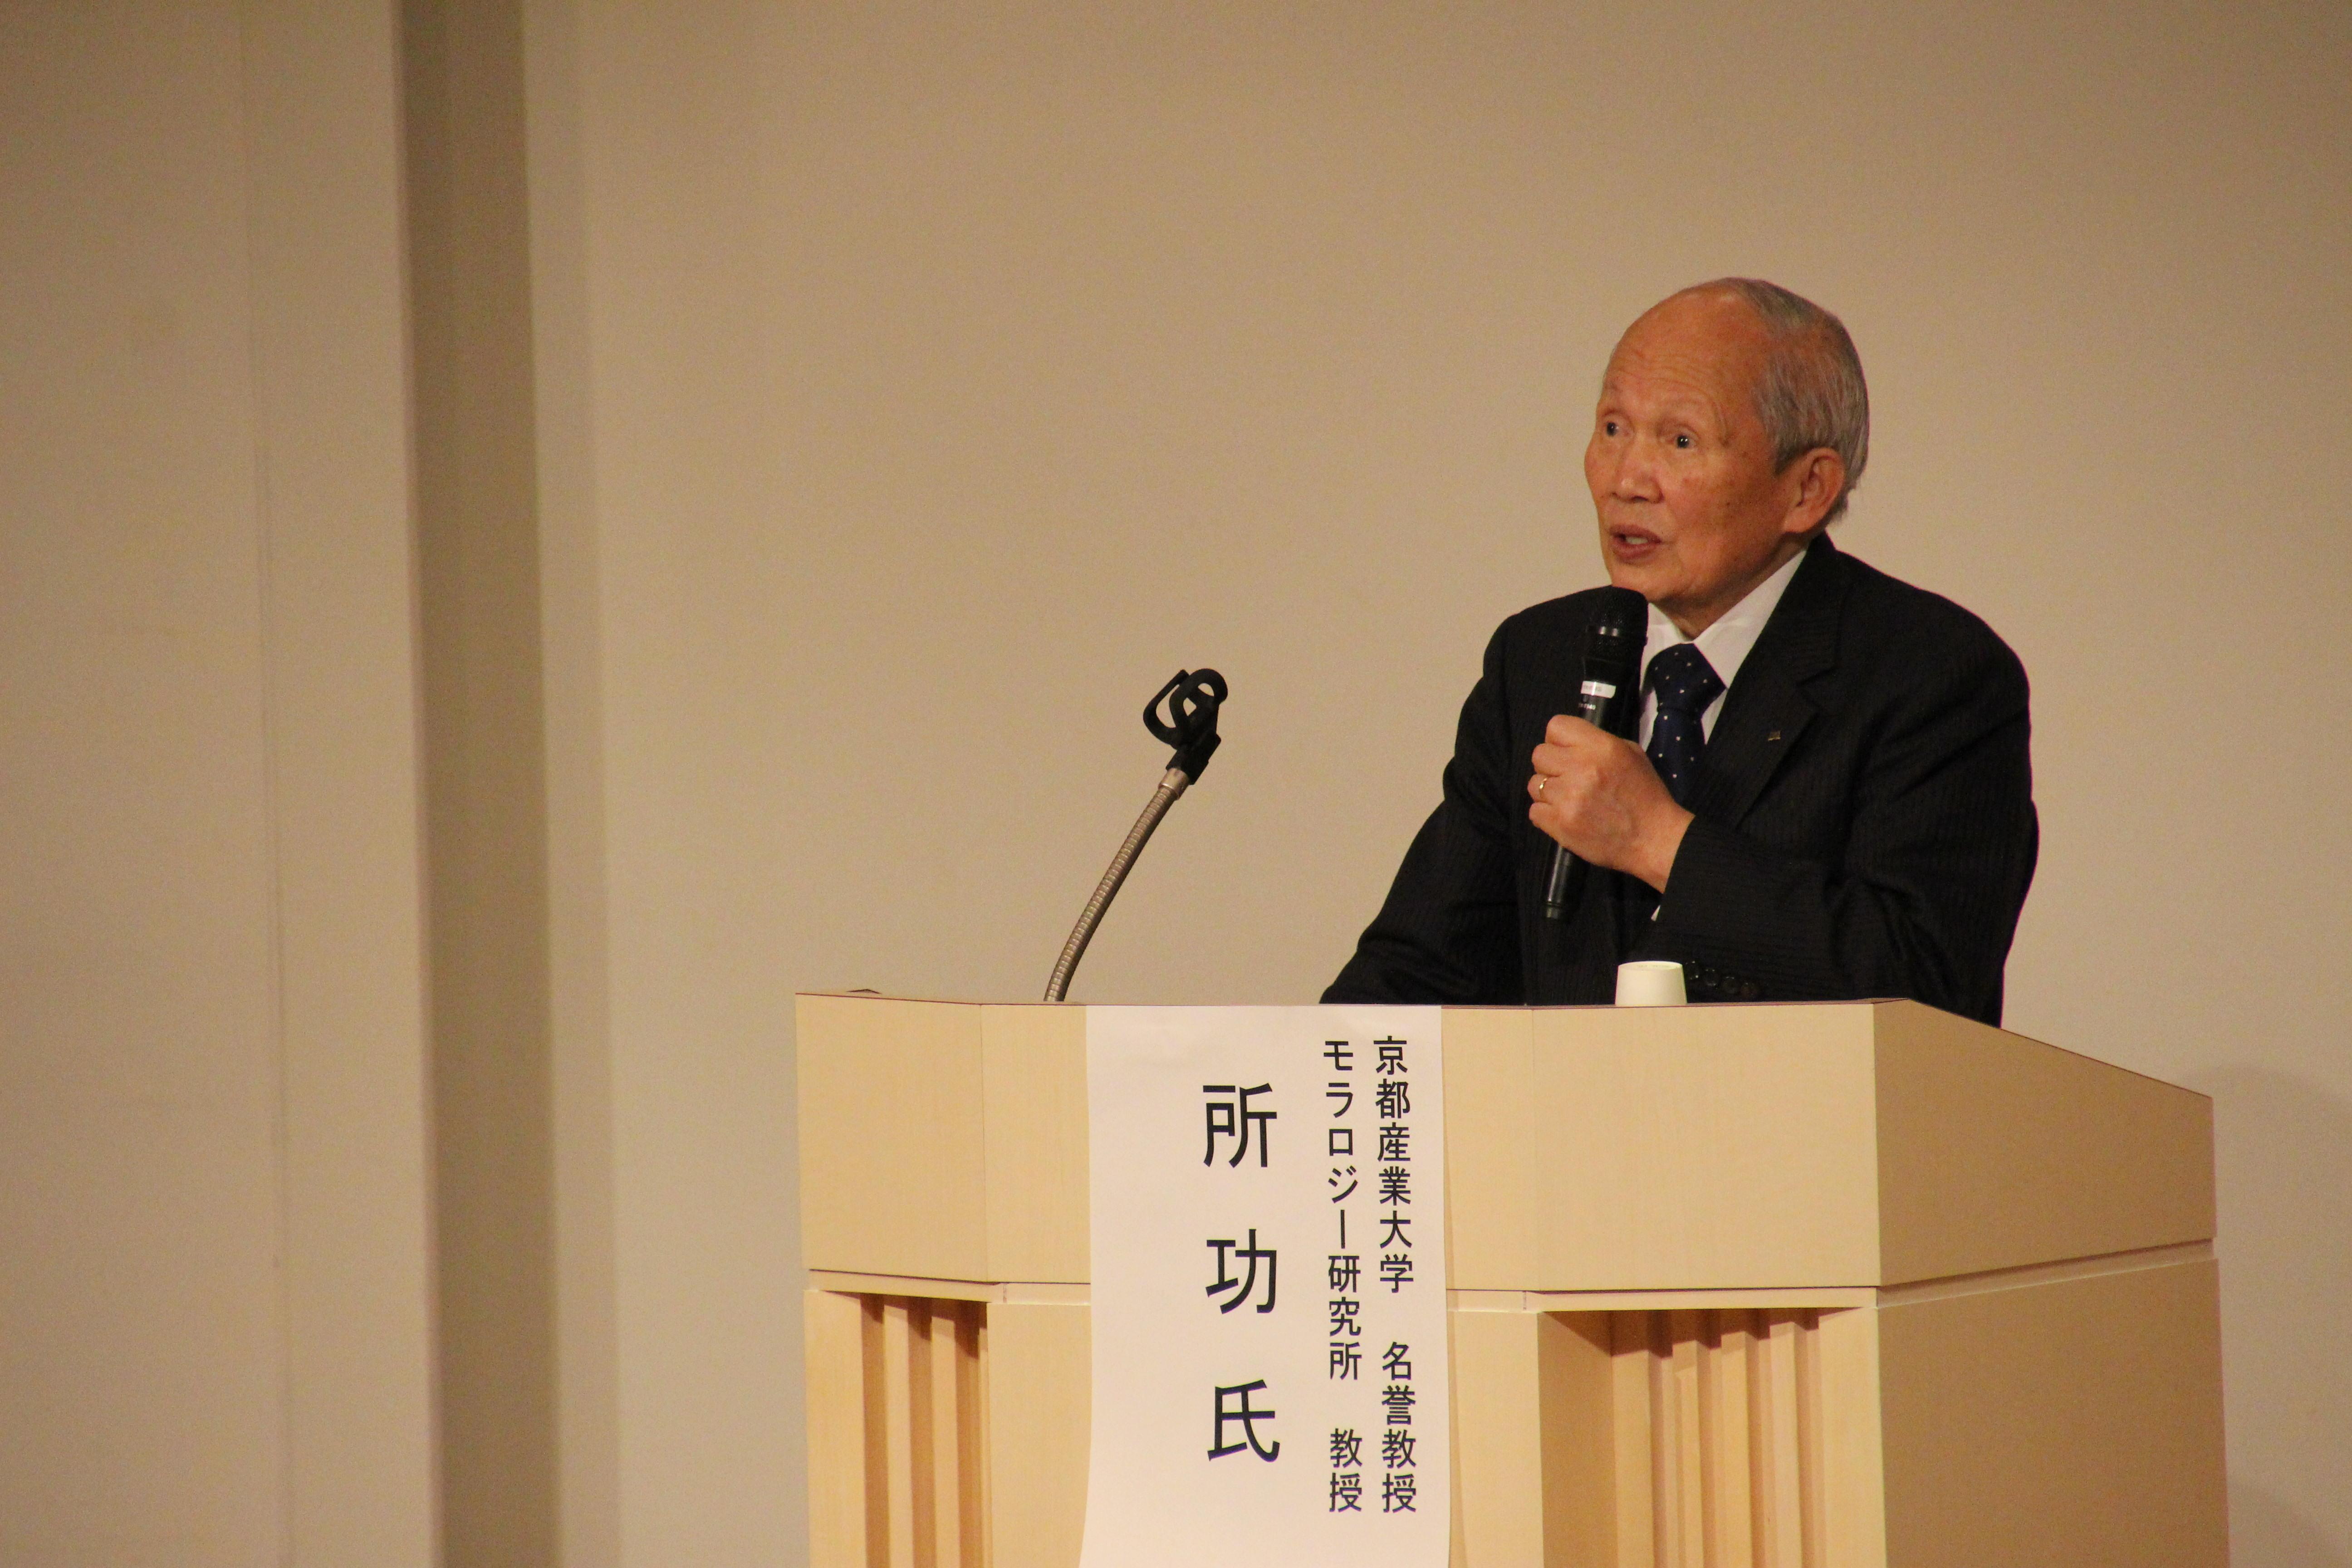 京都産業大学所功名誉教授が「御代替わりを彩る儀式と祭祀」をテーマに講演